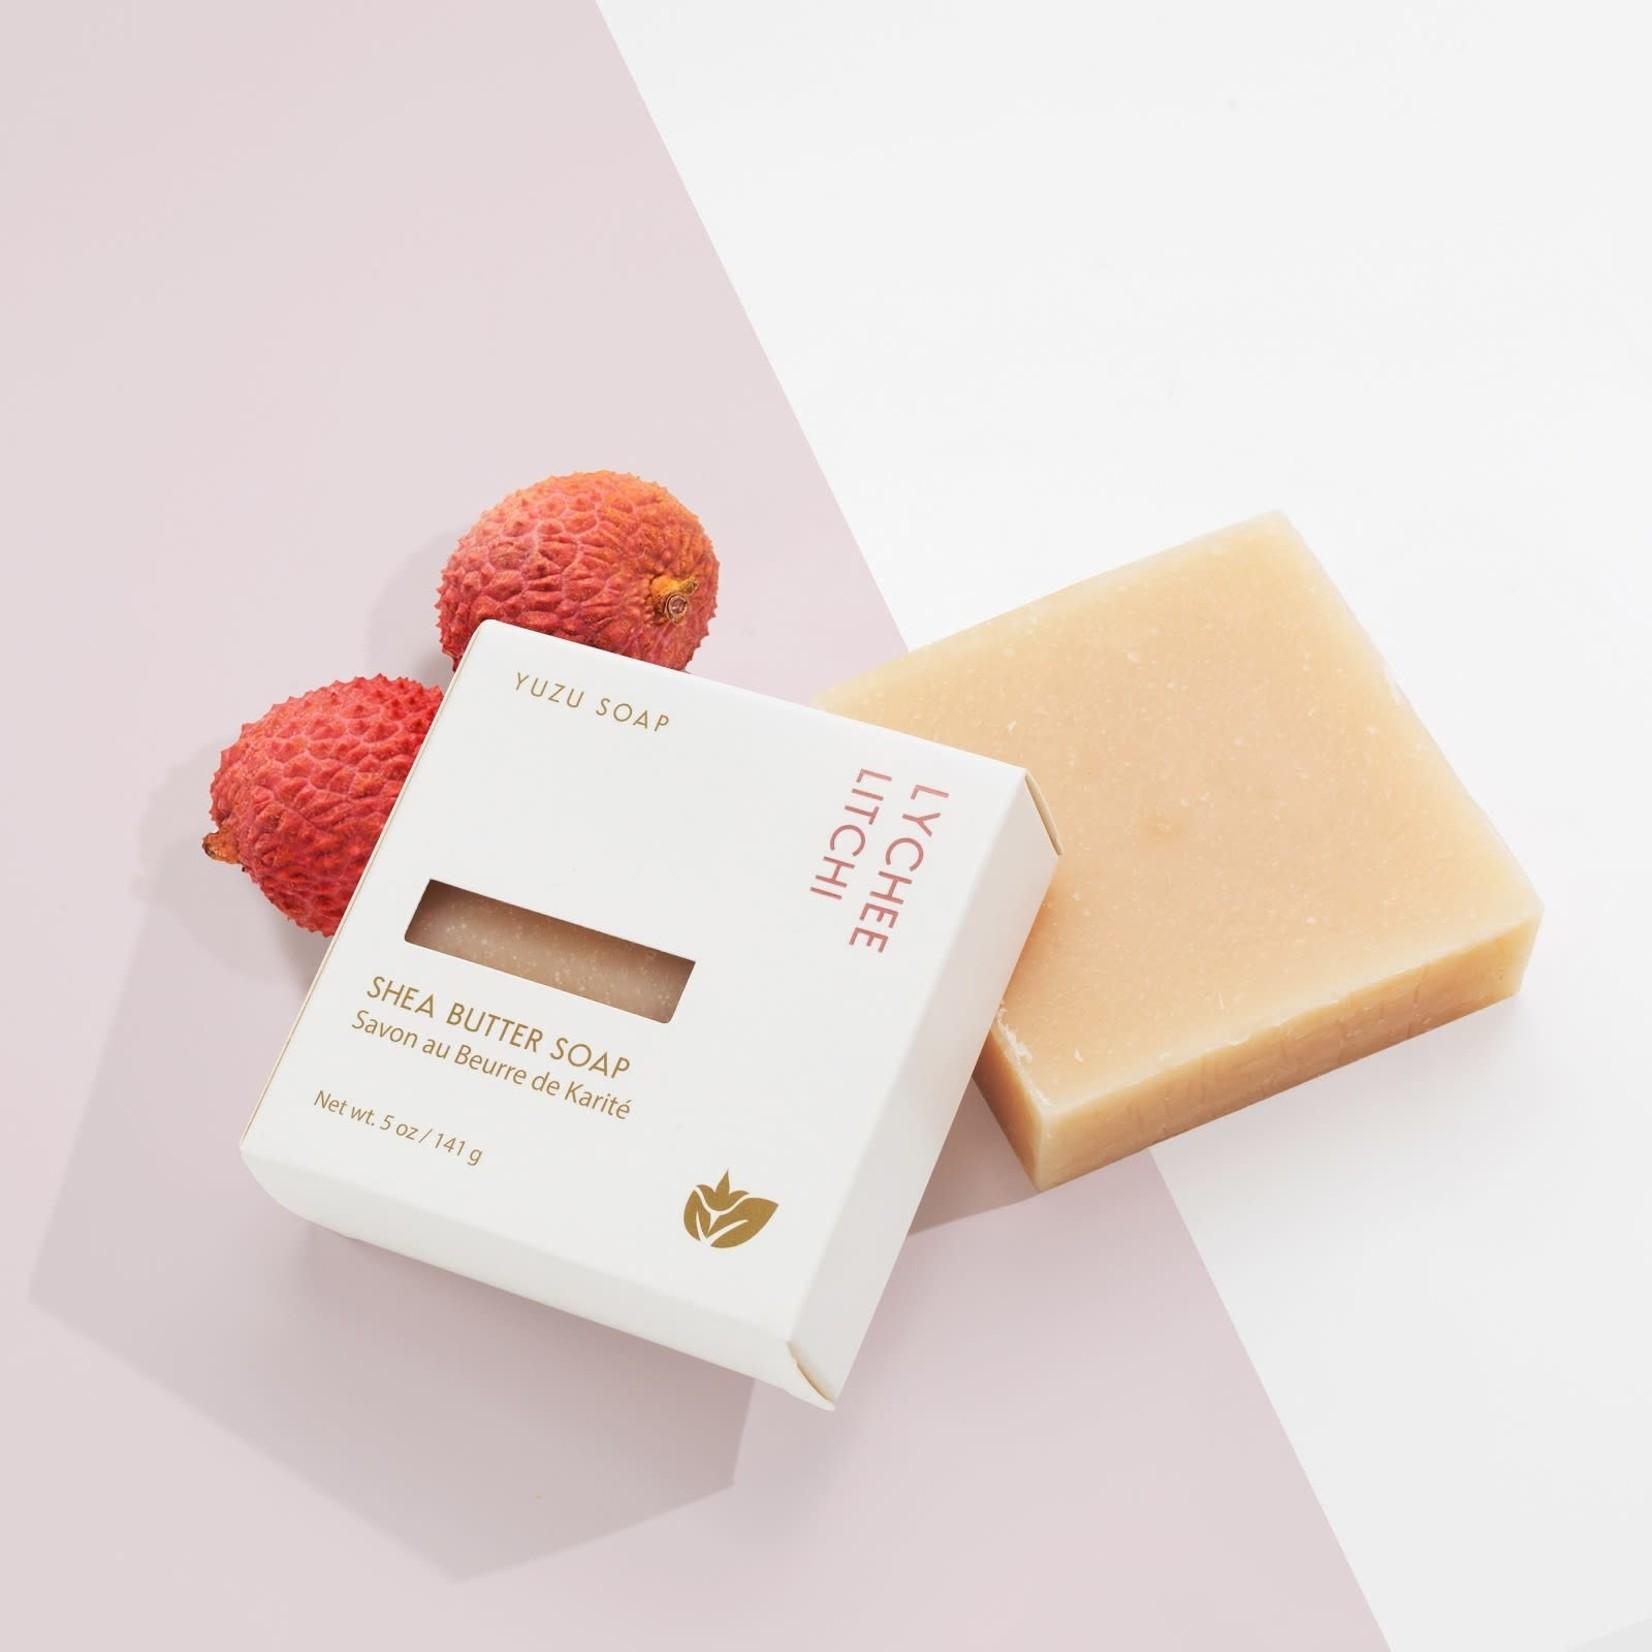 Lychee Shea Butter Soap